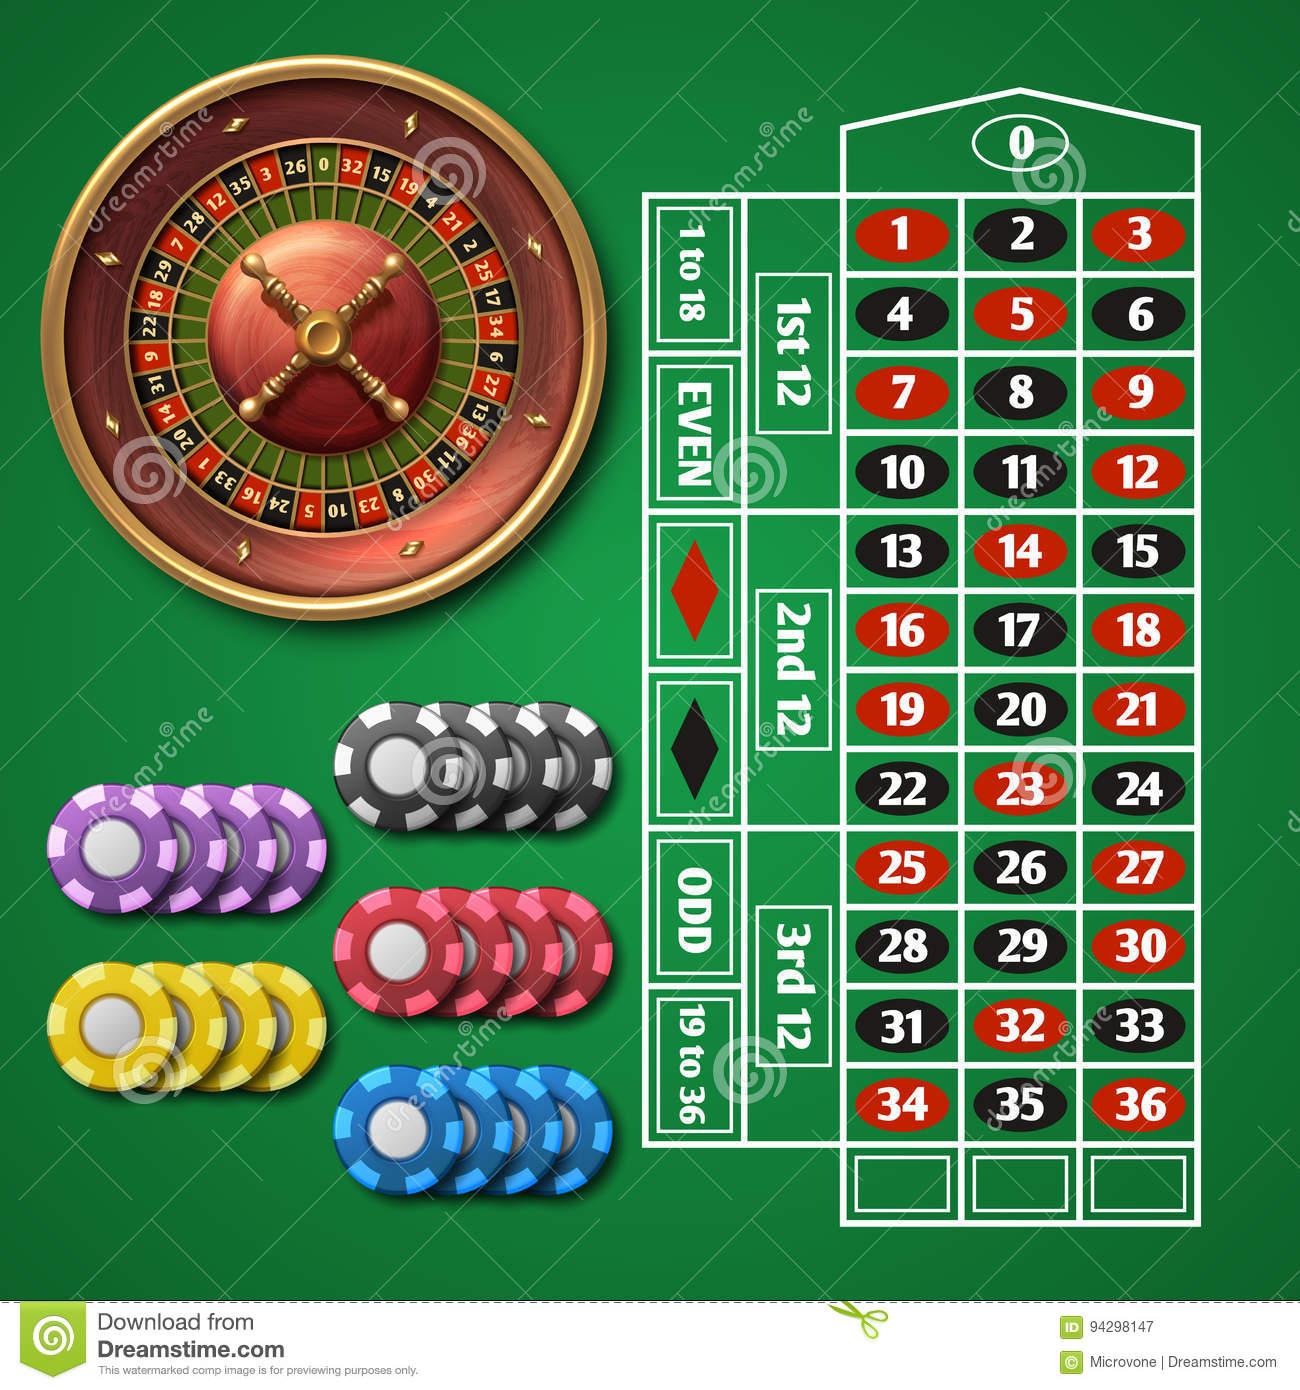 Казино 888 отзывы рулетка игровые автоматы онлайн queen of hearts